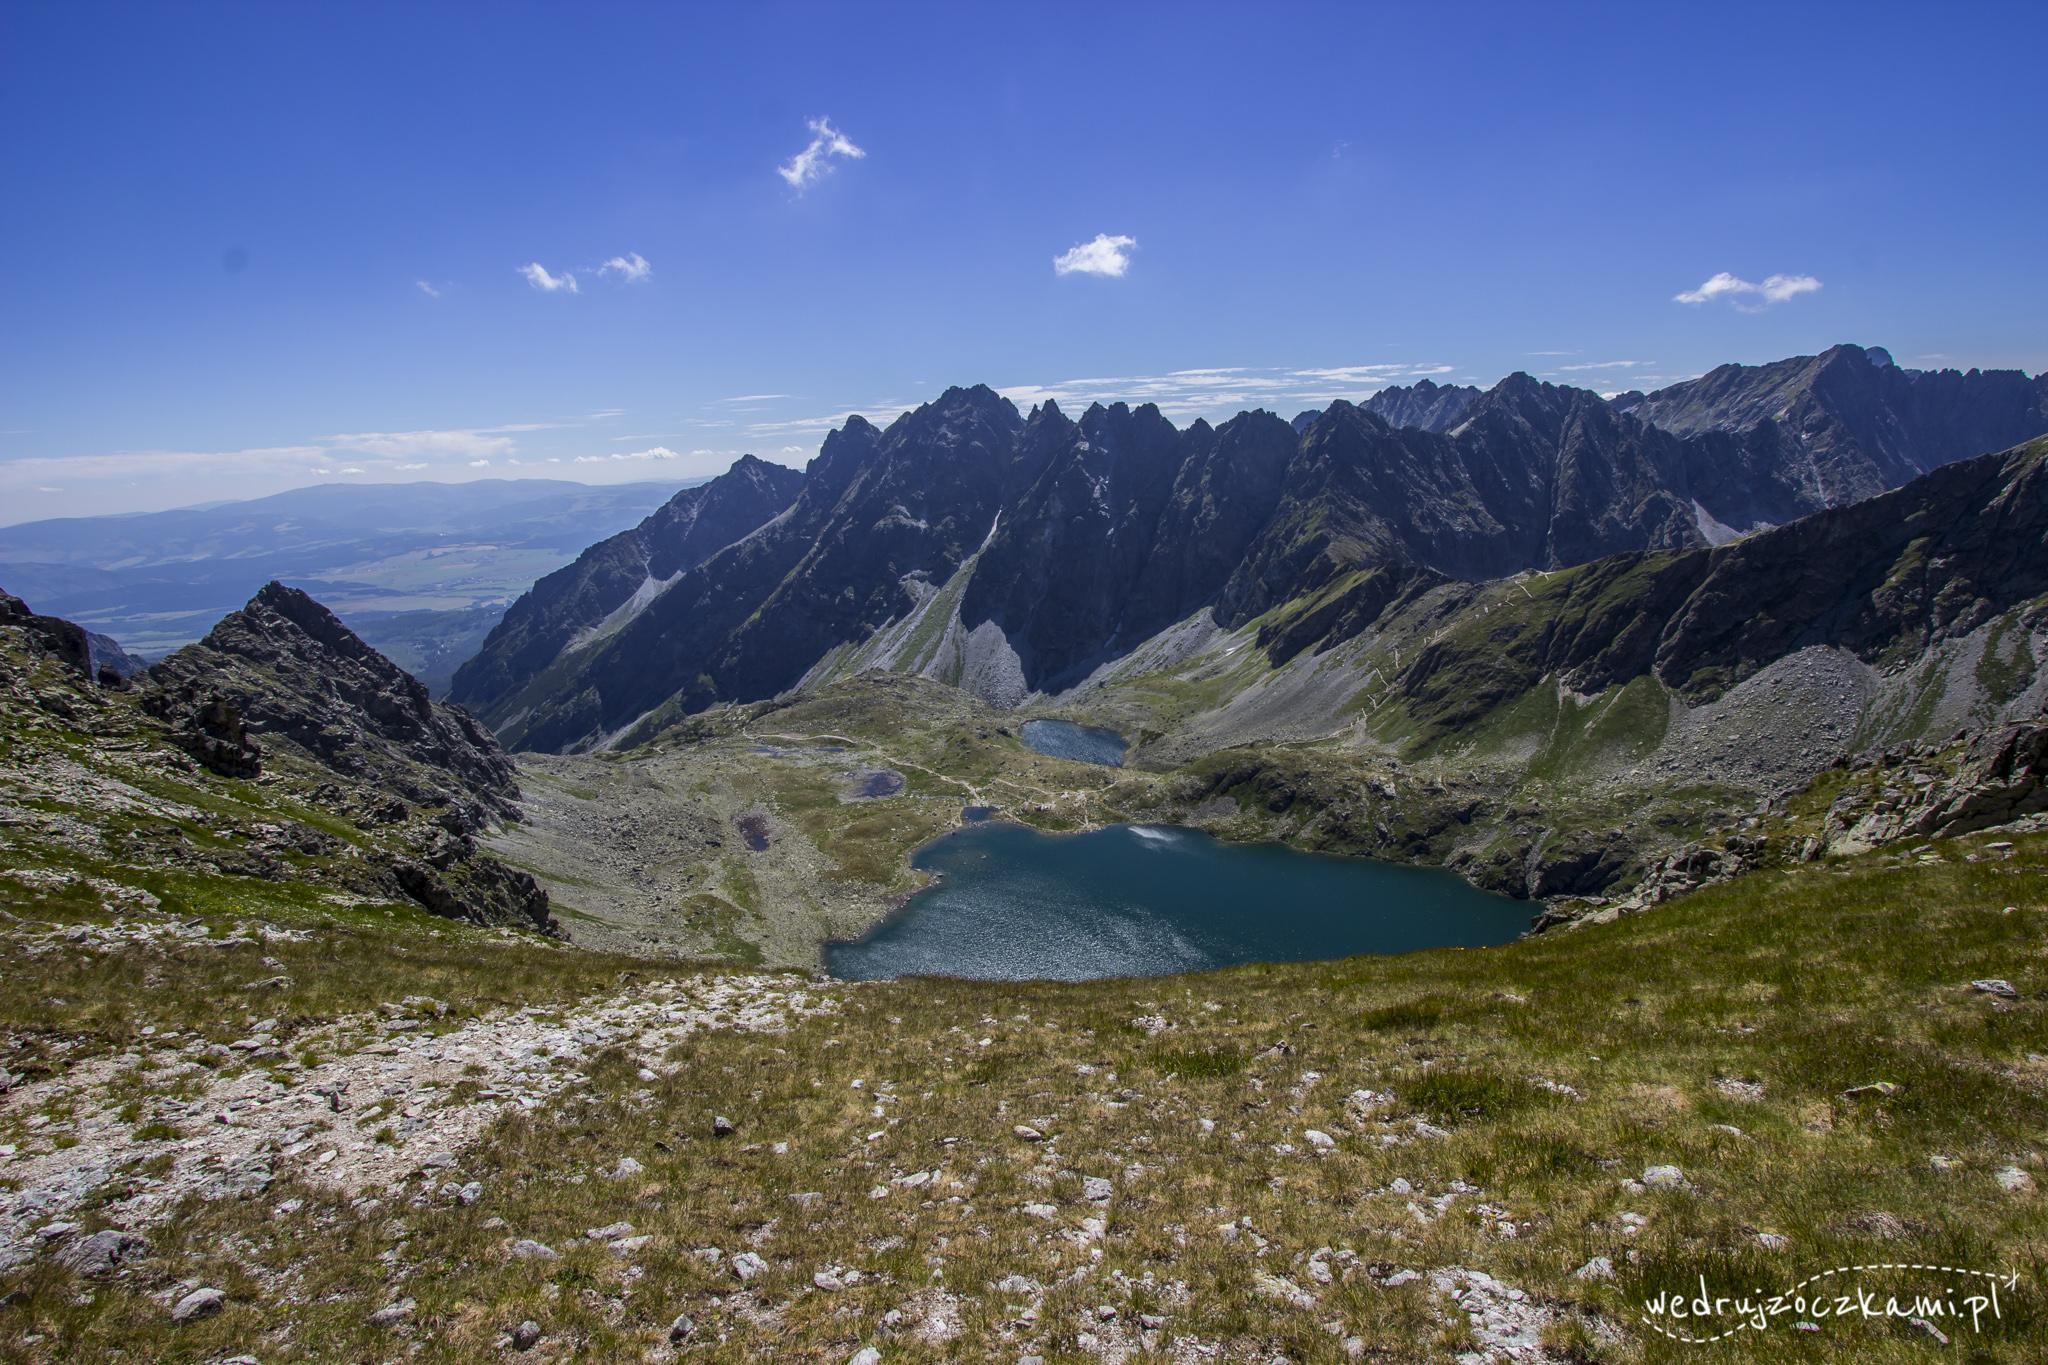 Przełęcz pod Chłopkiem. Widok na słowacką stronę